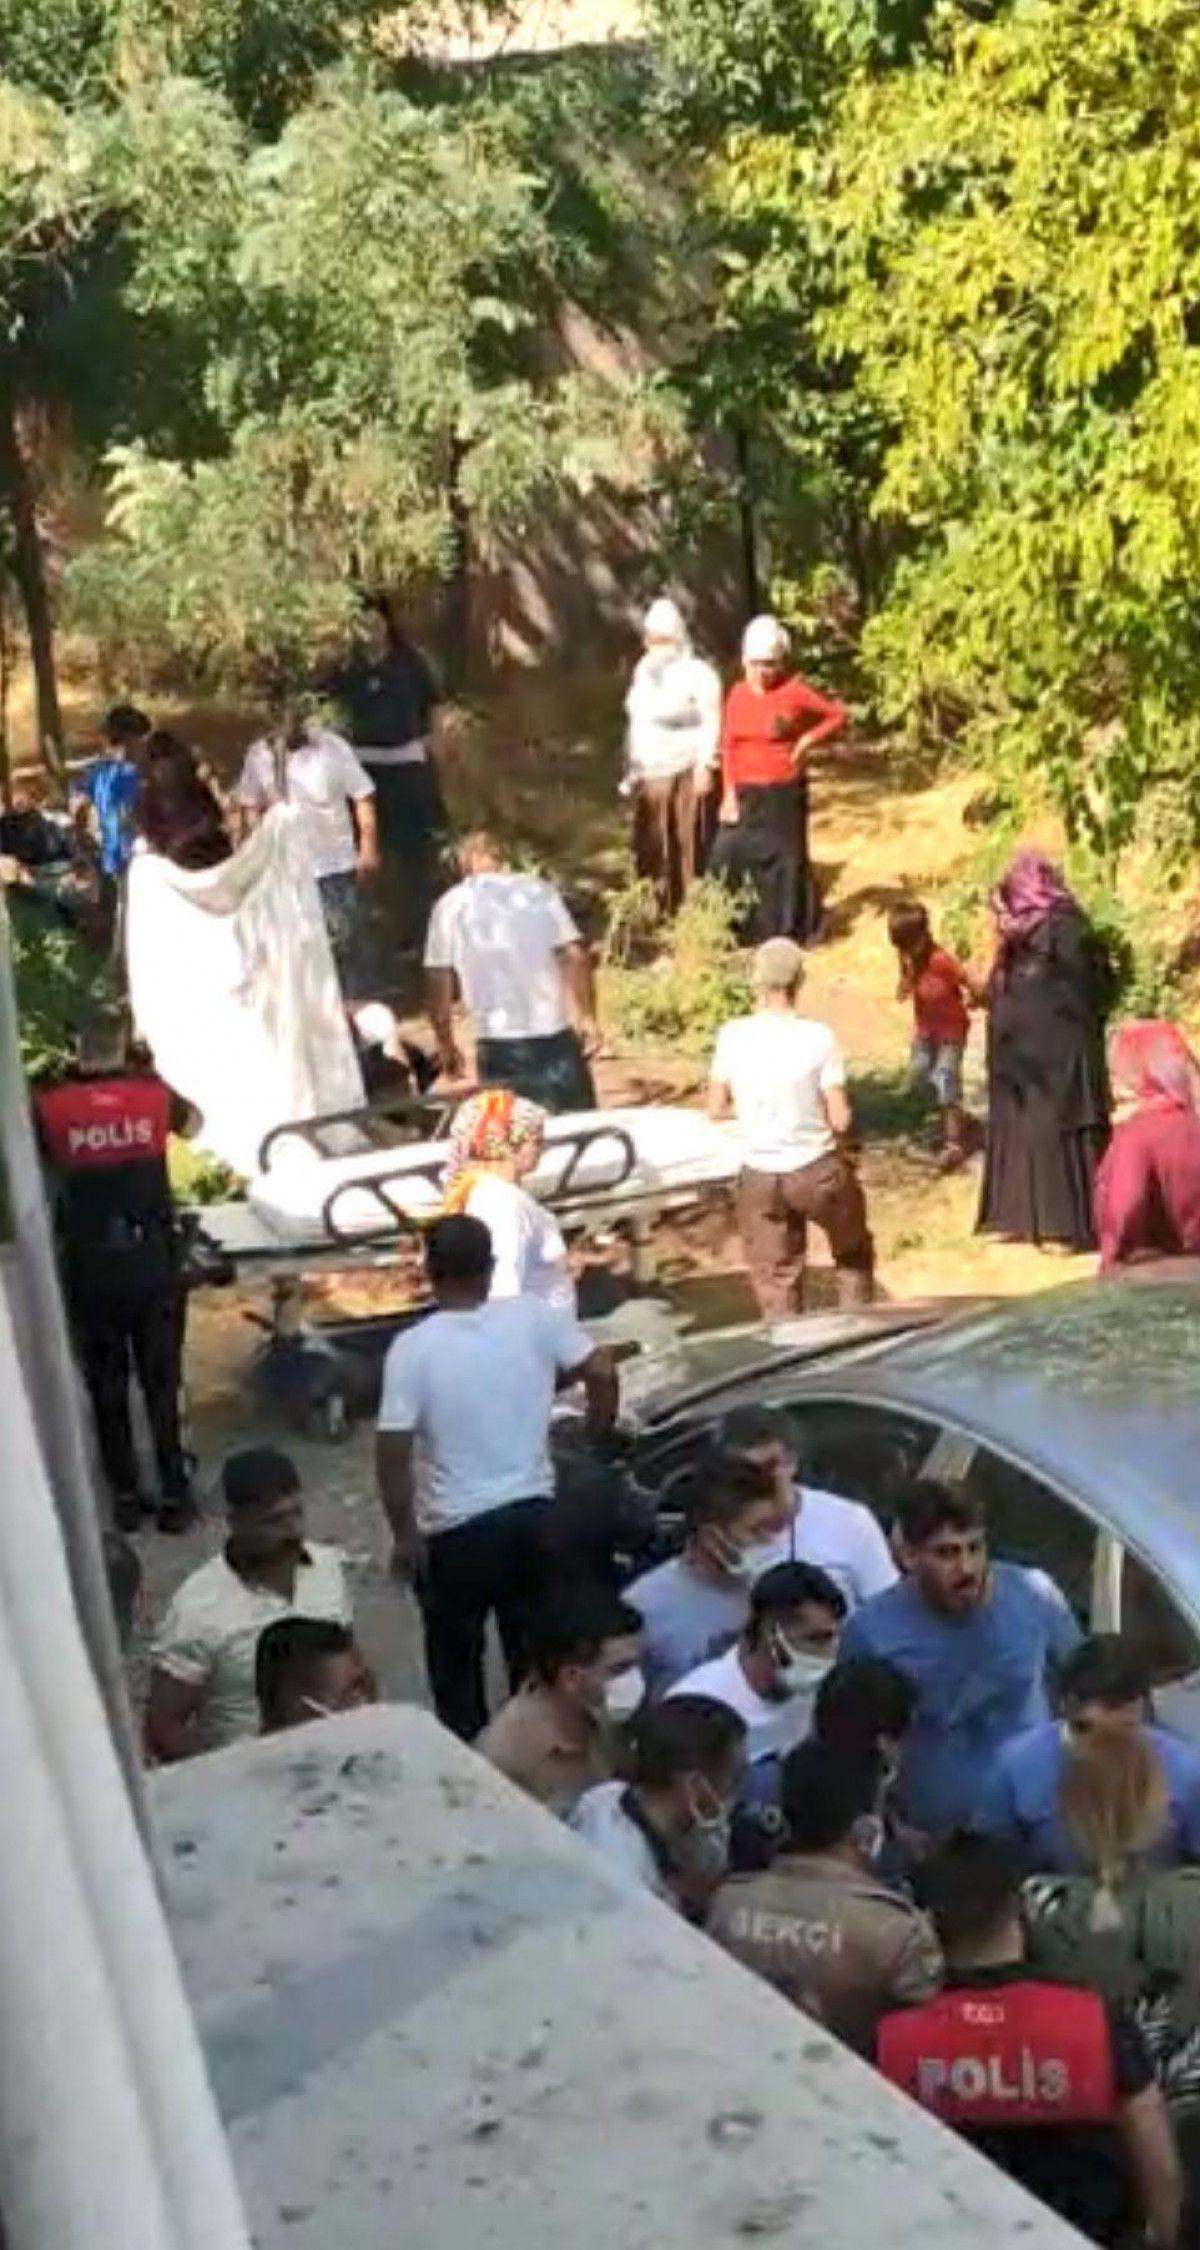 Diyarbakır da akıma kapılan hastayı, yakınları hastane bahçesine gömmek istedi #2